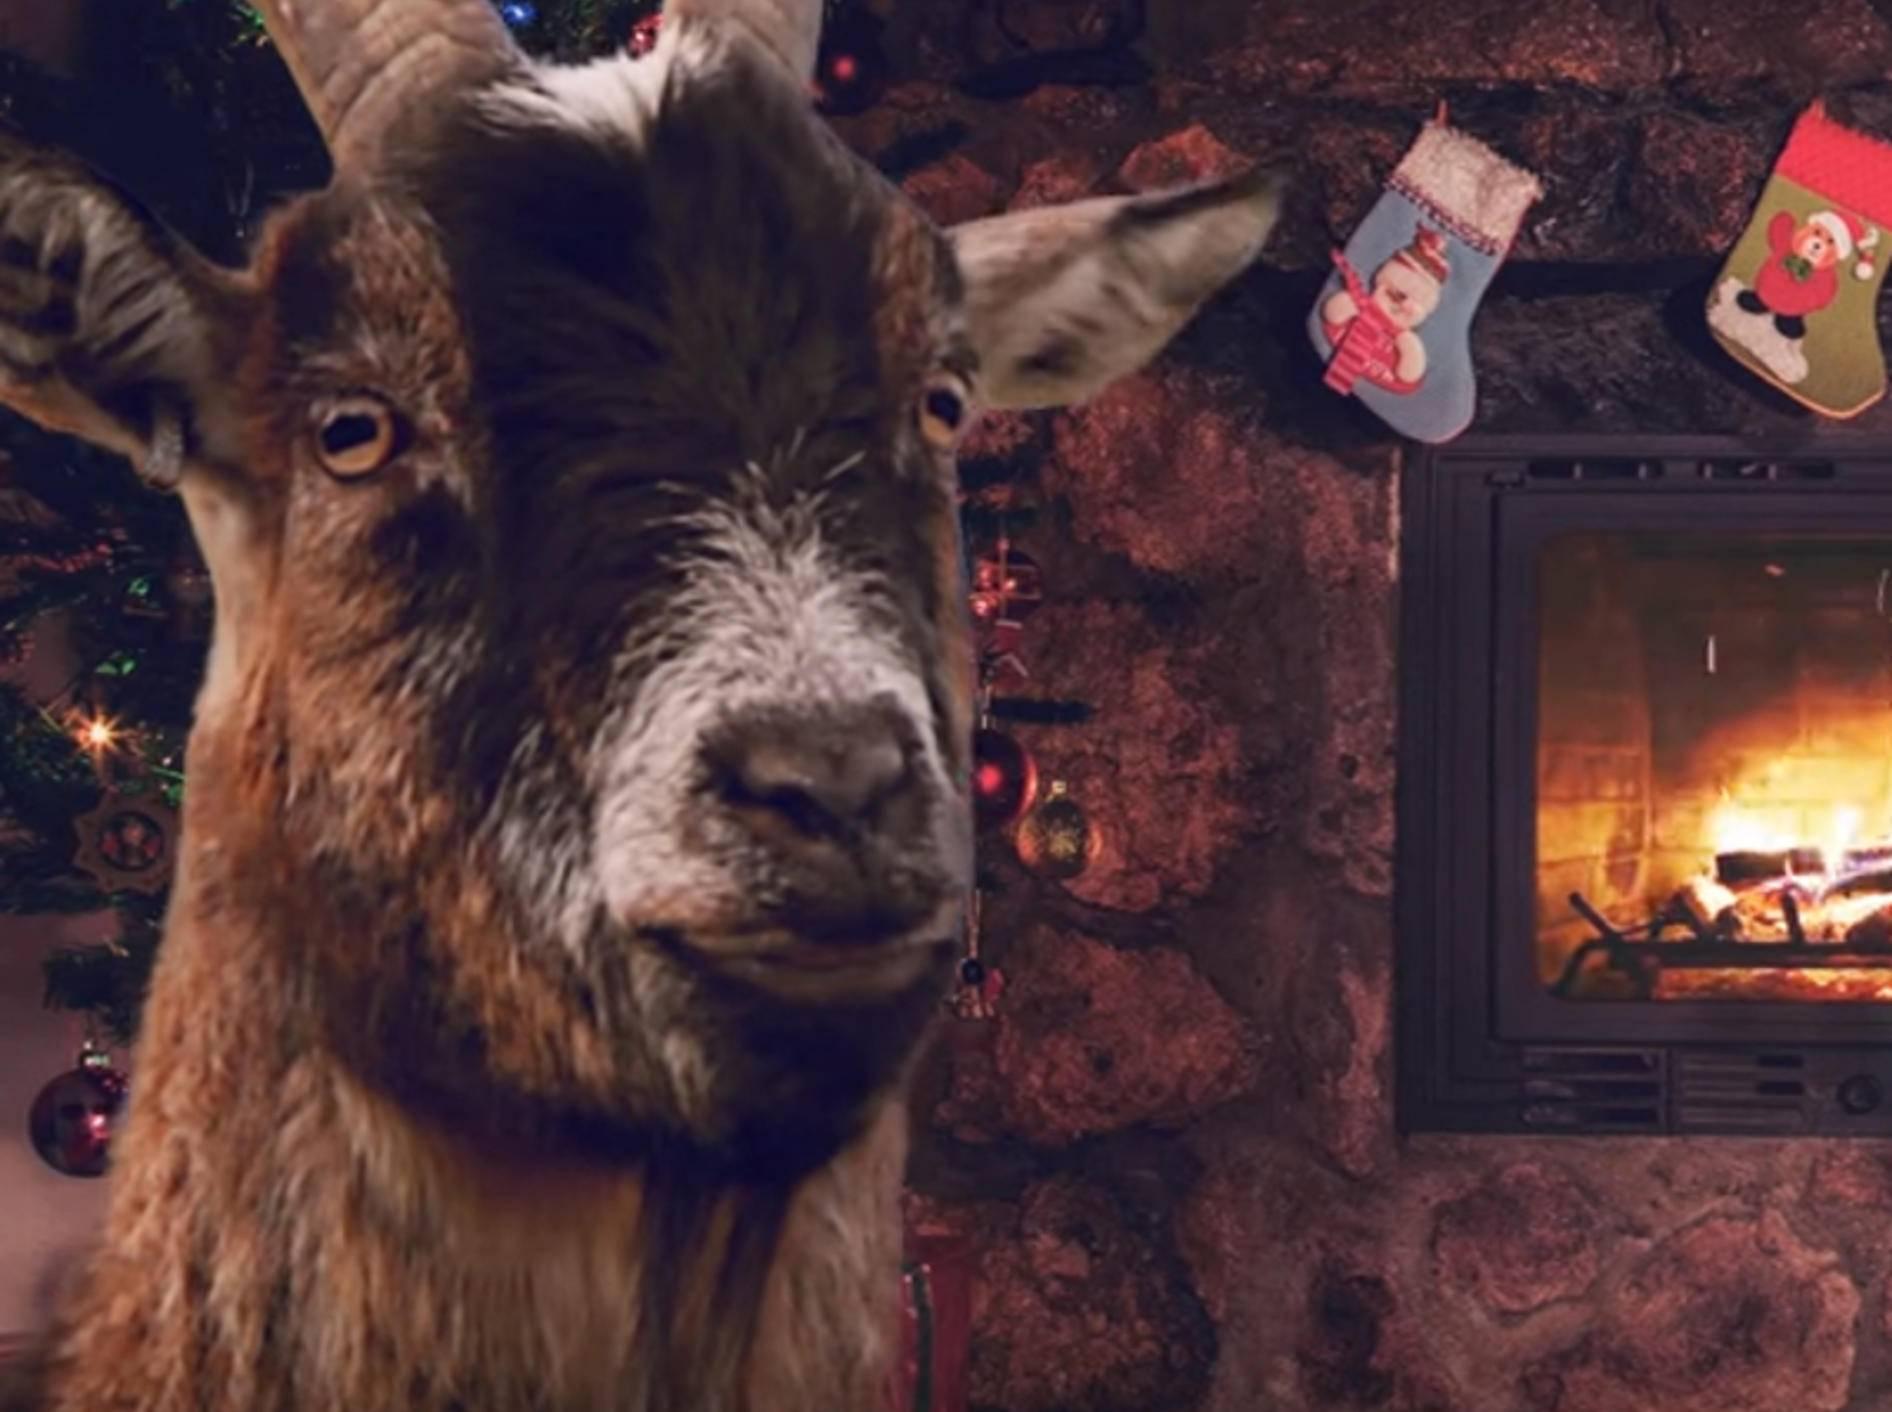 Määäähryyyy Christmas! Ziegen blöken Weihnachtsklassiker – Bild: YouTube / ActionAidSweden